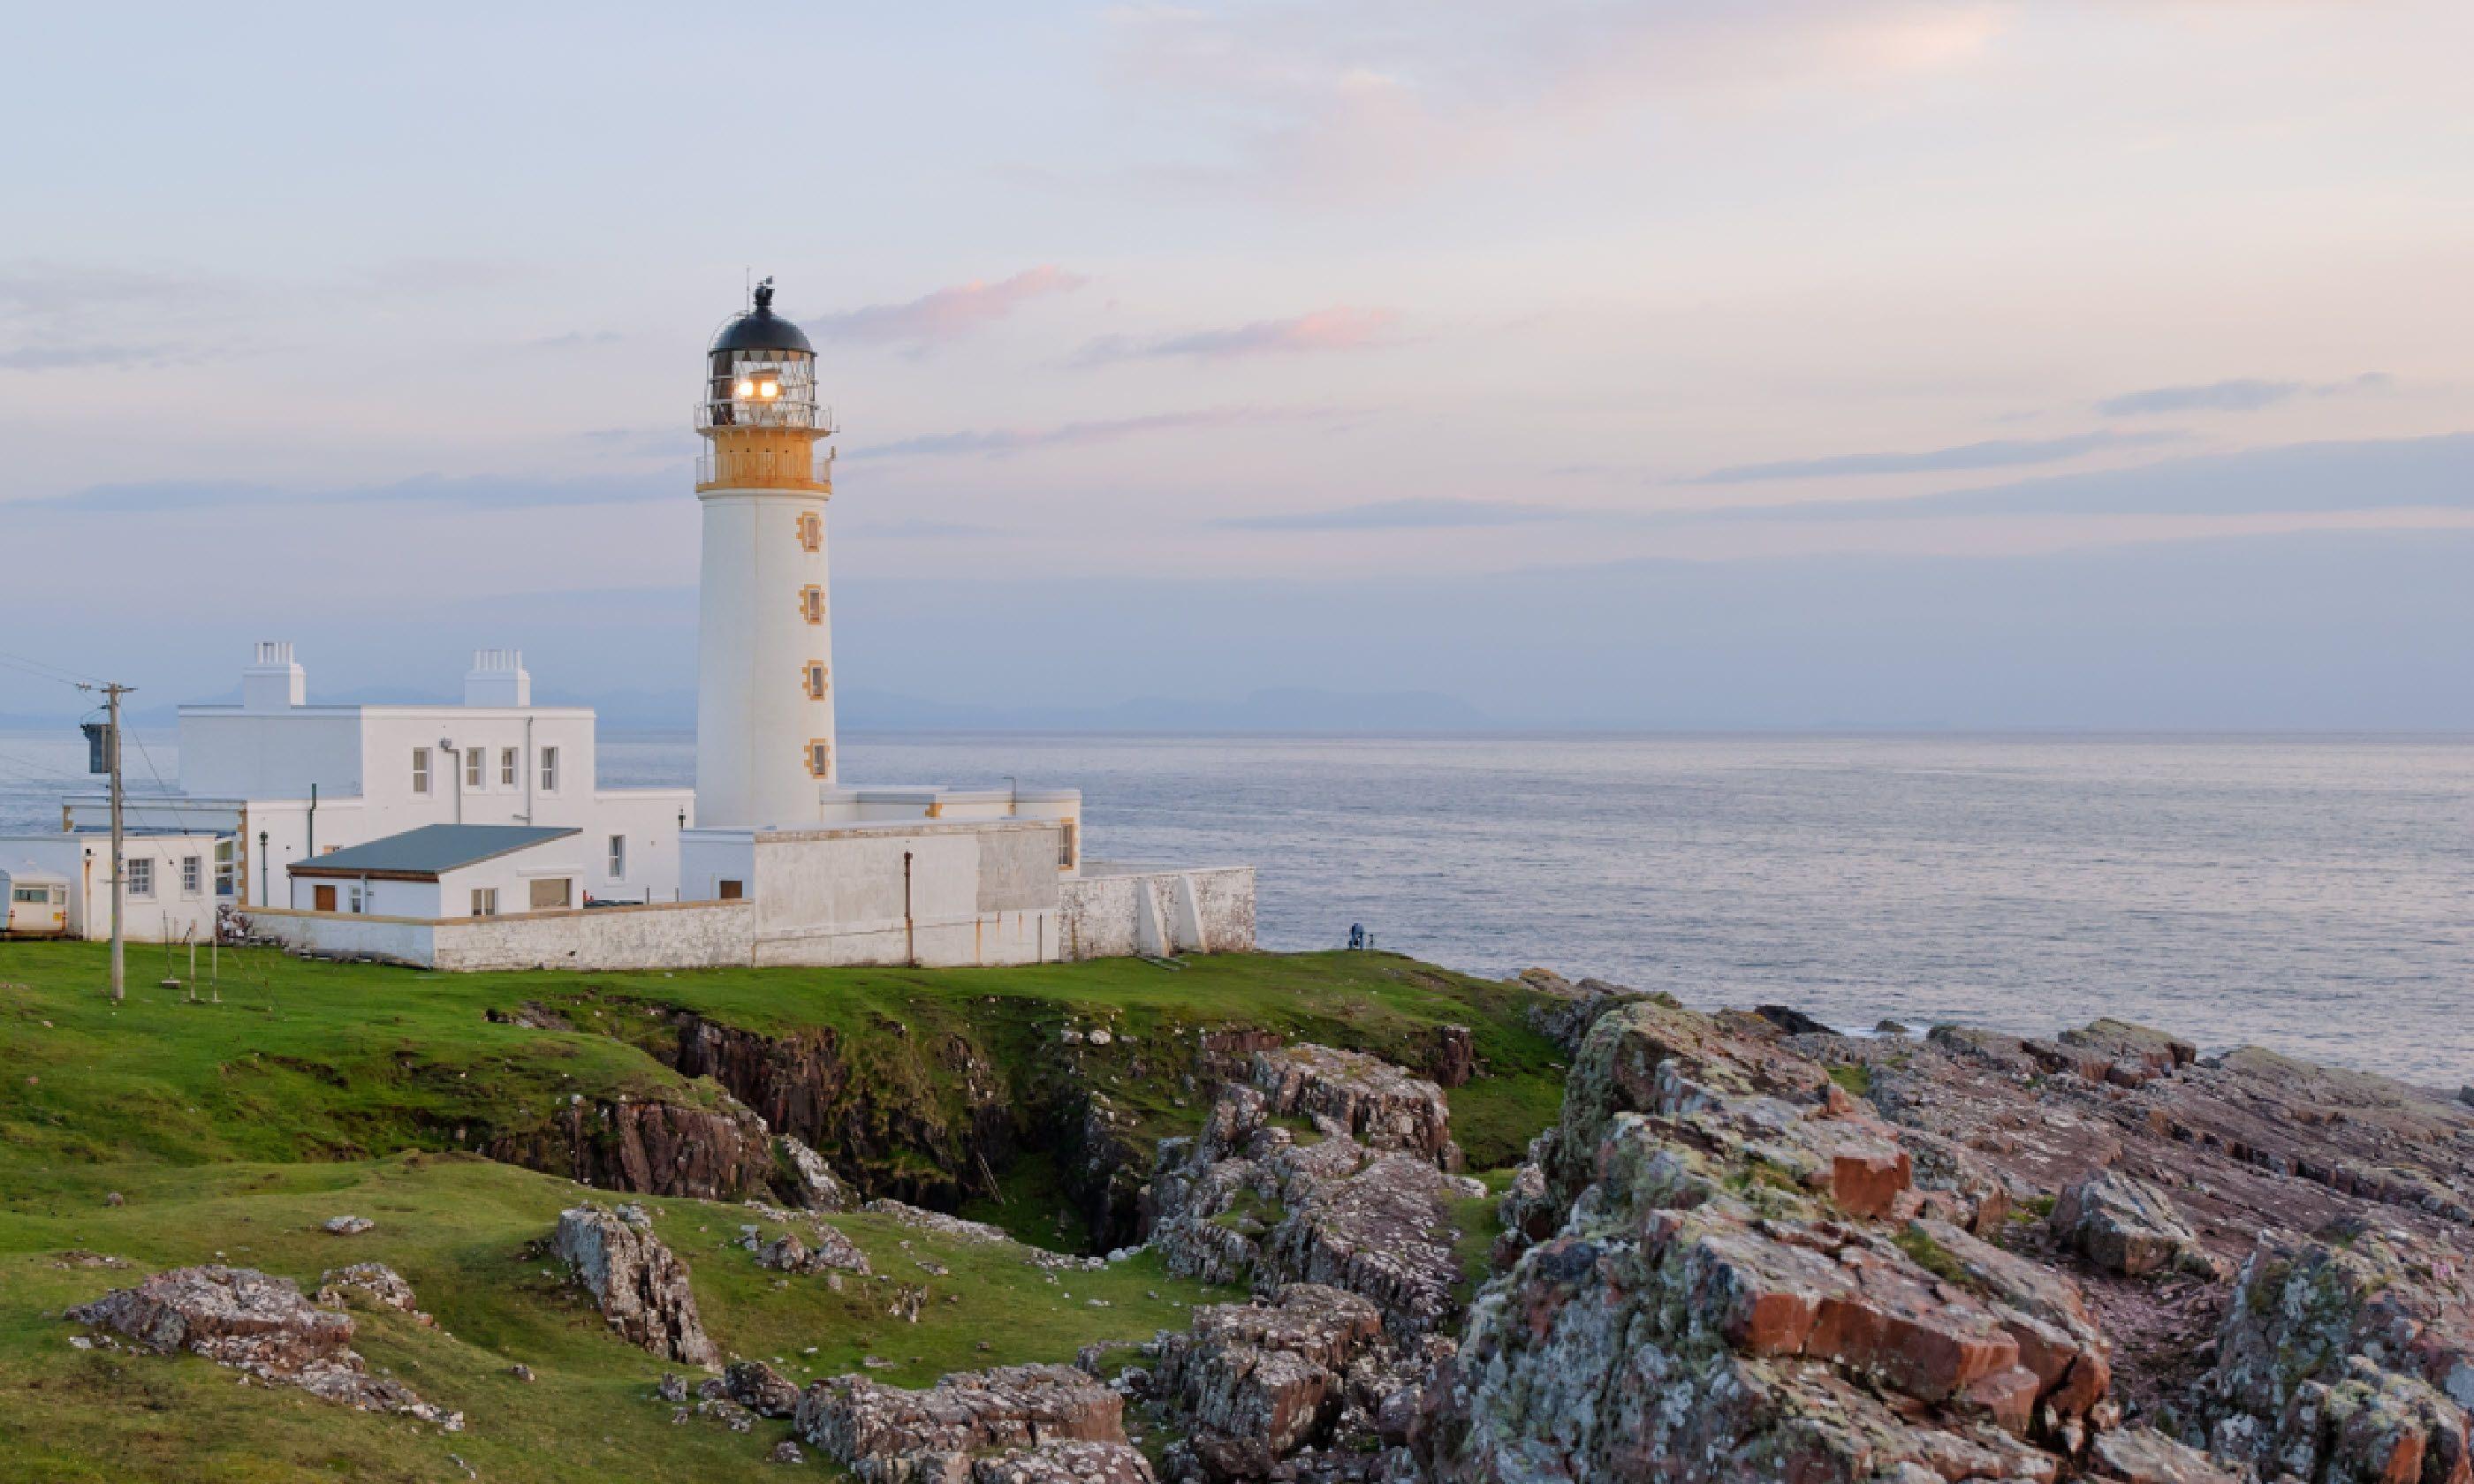 Rua Reidh lighthouse (Shutterstock)